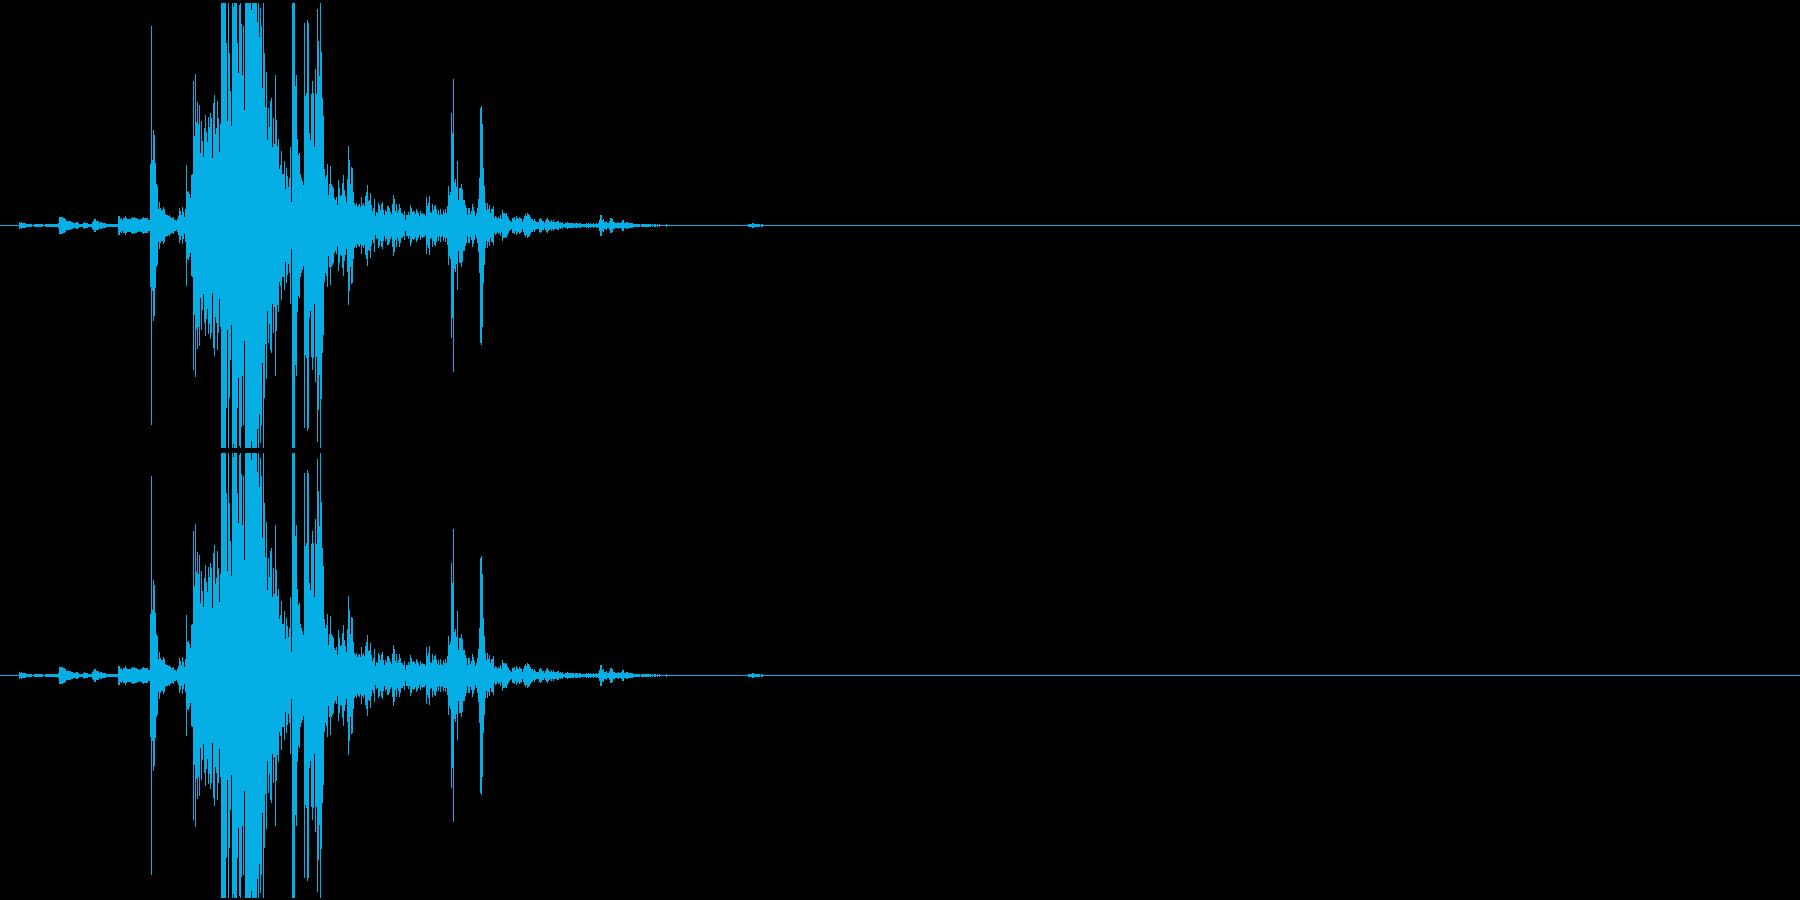 Key 鍵(キーホルダーごと)を置く音の再生済みの波形